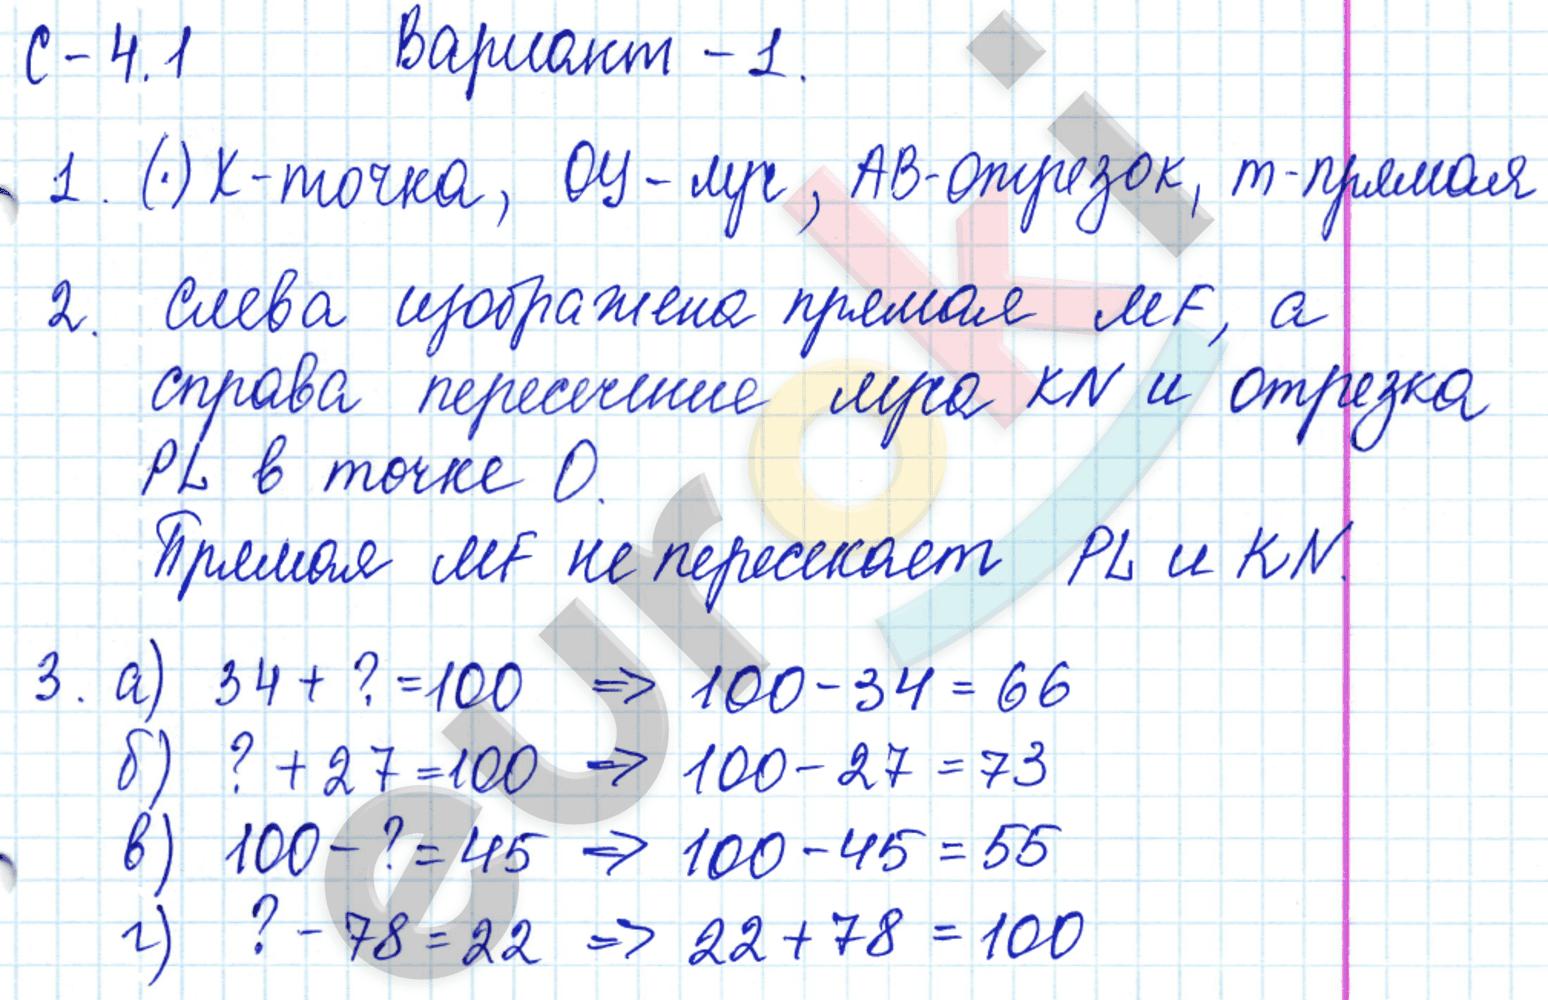 ГДЗ по математике 5 класс самостоятельные работы Зубарева, Мильштейн, Шанцева Тема 1. Натуральные числа, С-4.1. Прямая. Отрезок. Луч. Задание: Вариант 1